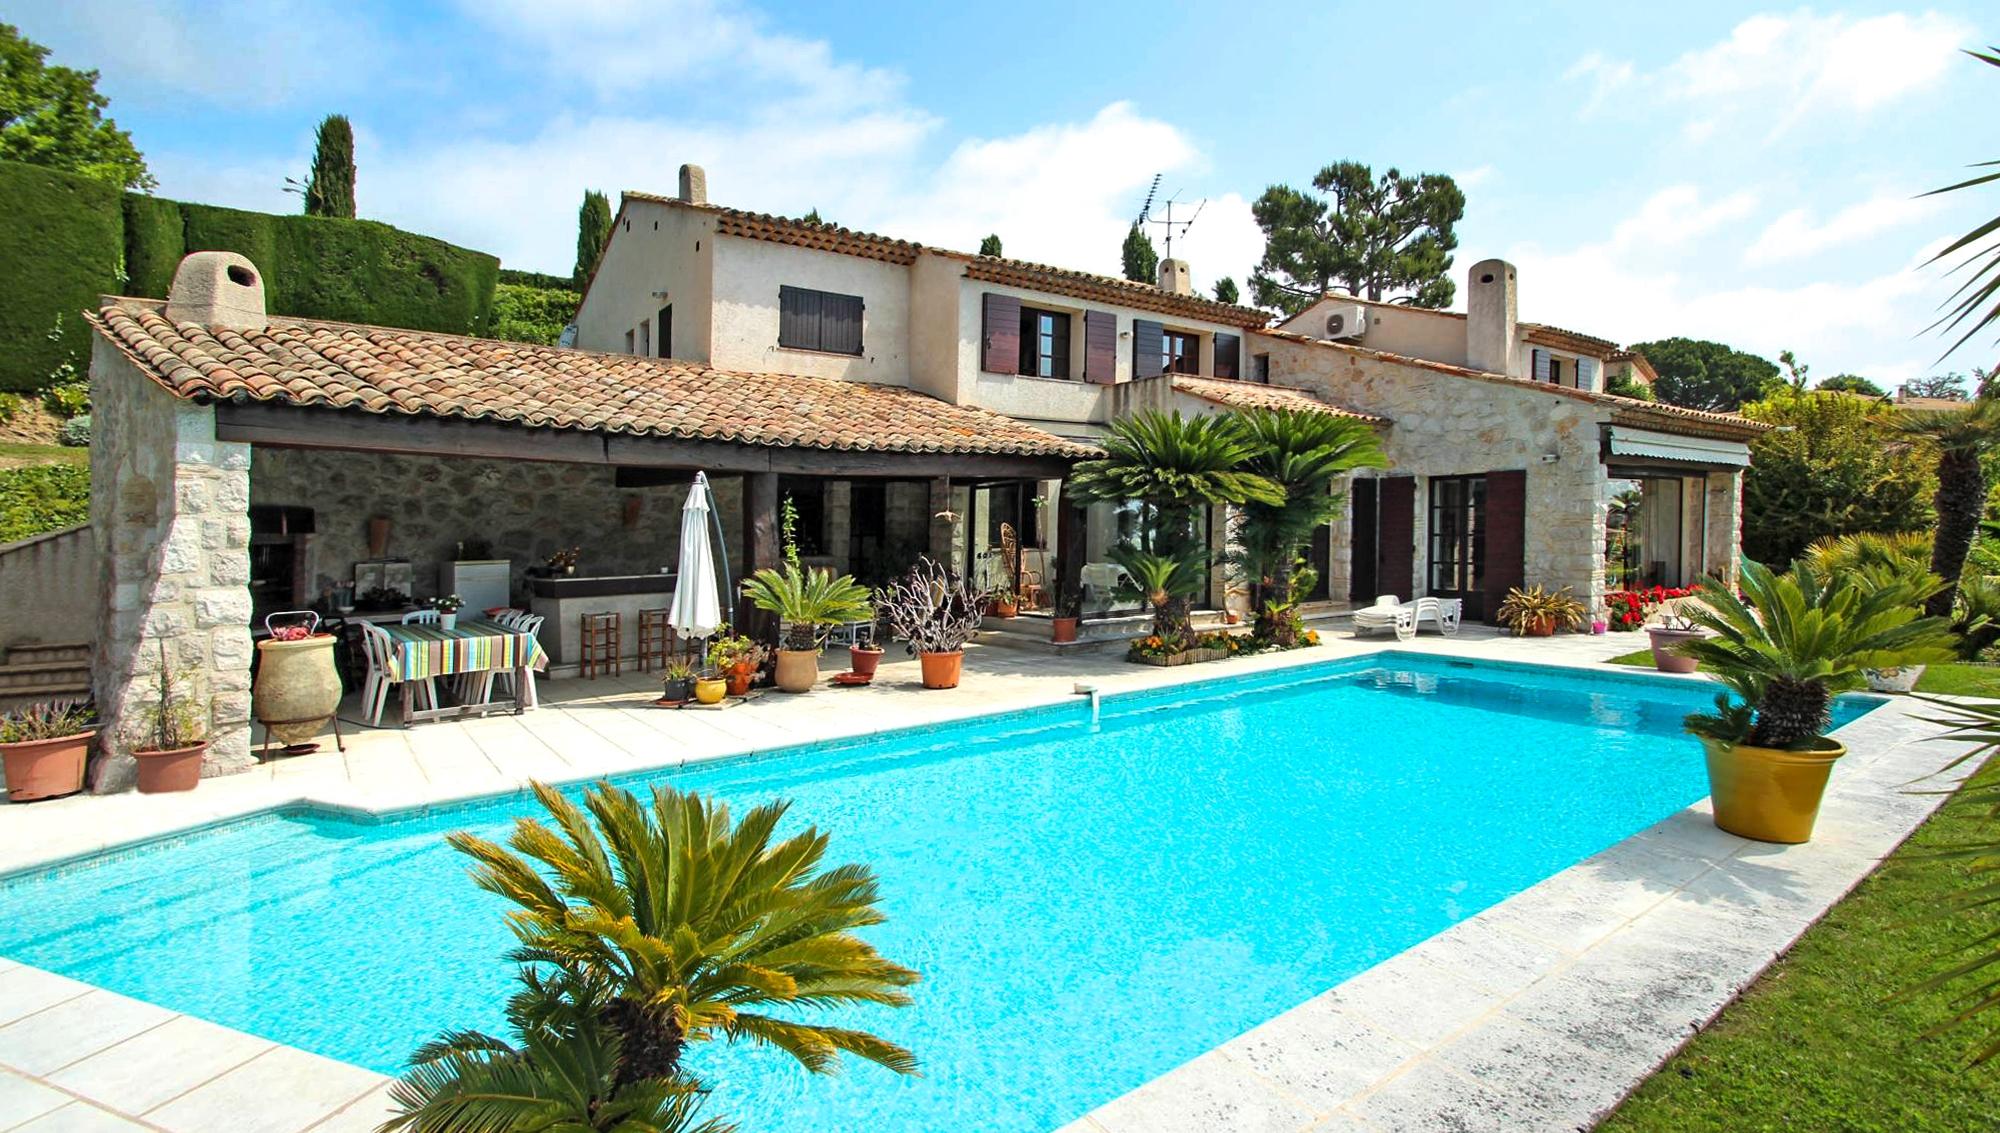 Magnifique propriété de style provençal – Saint-Paul-de-Vence